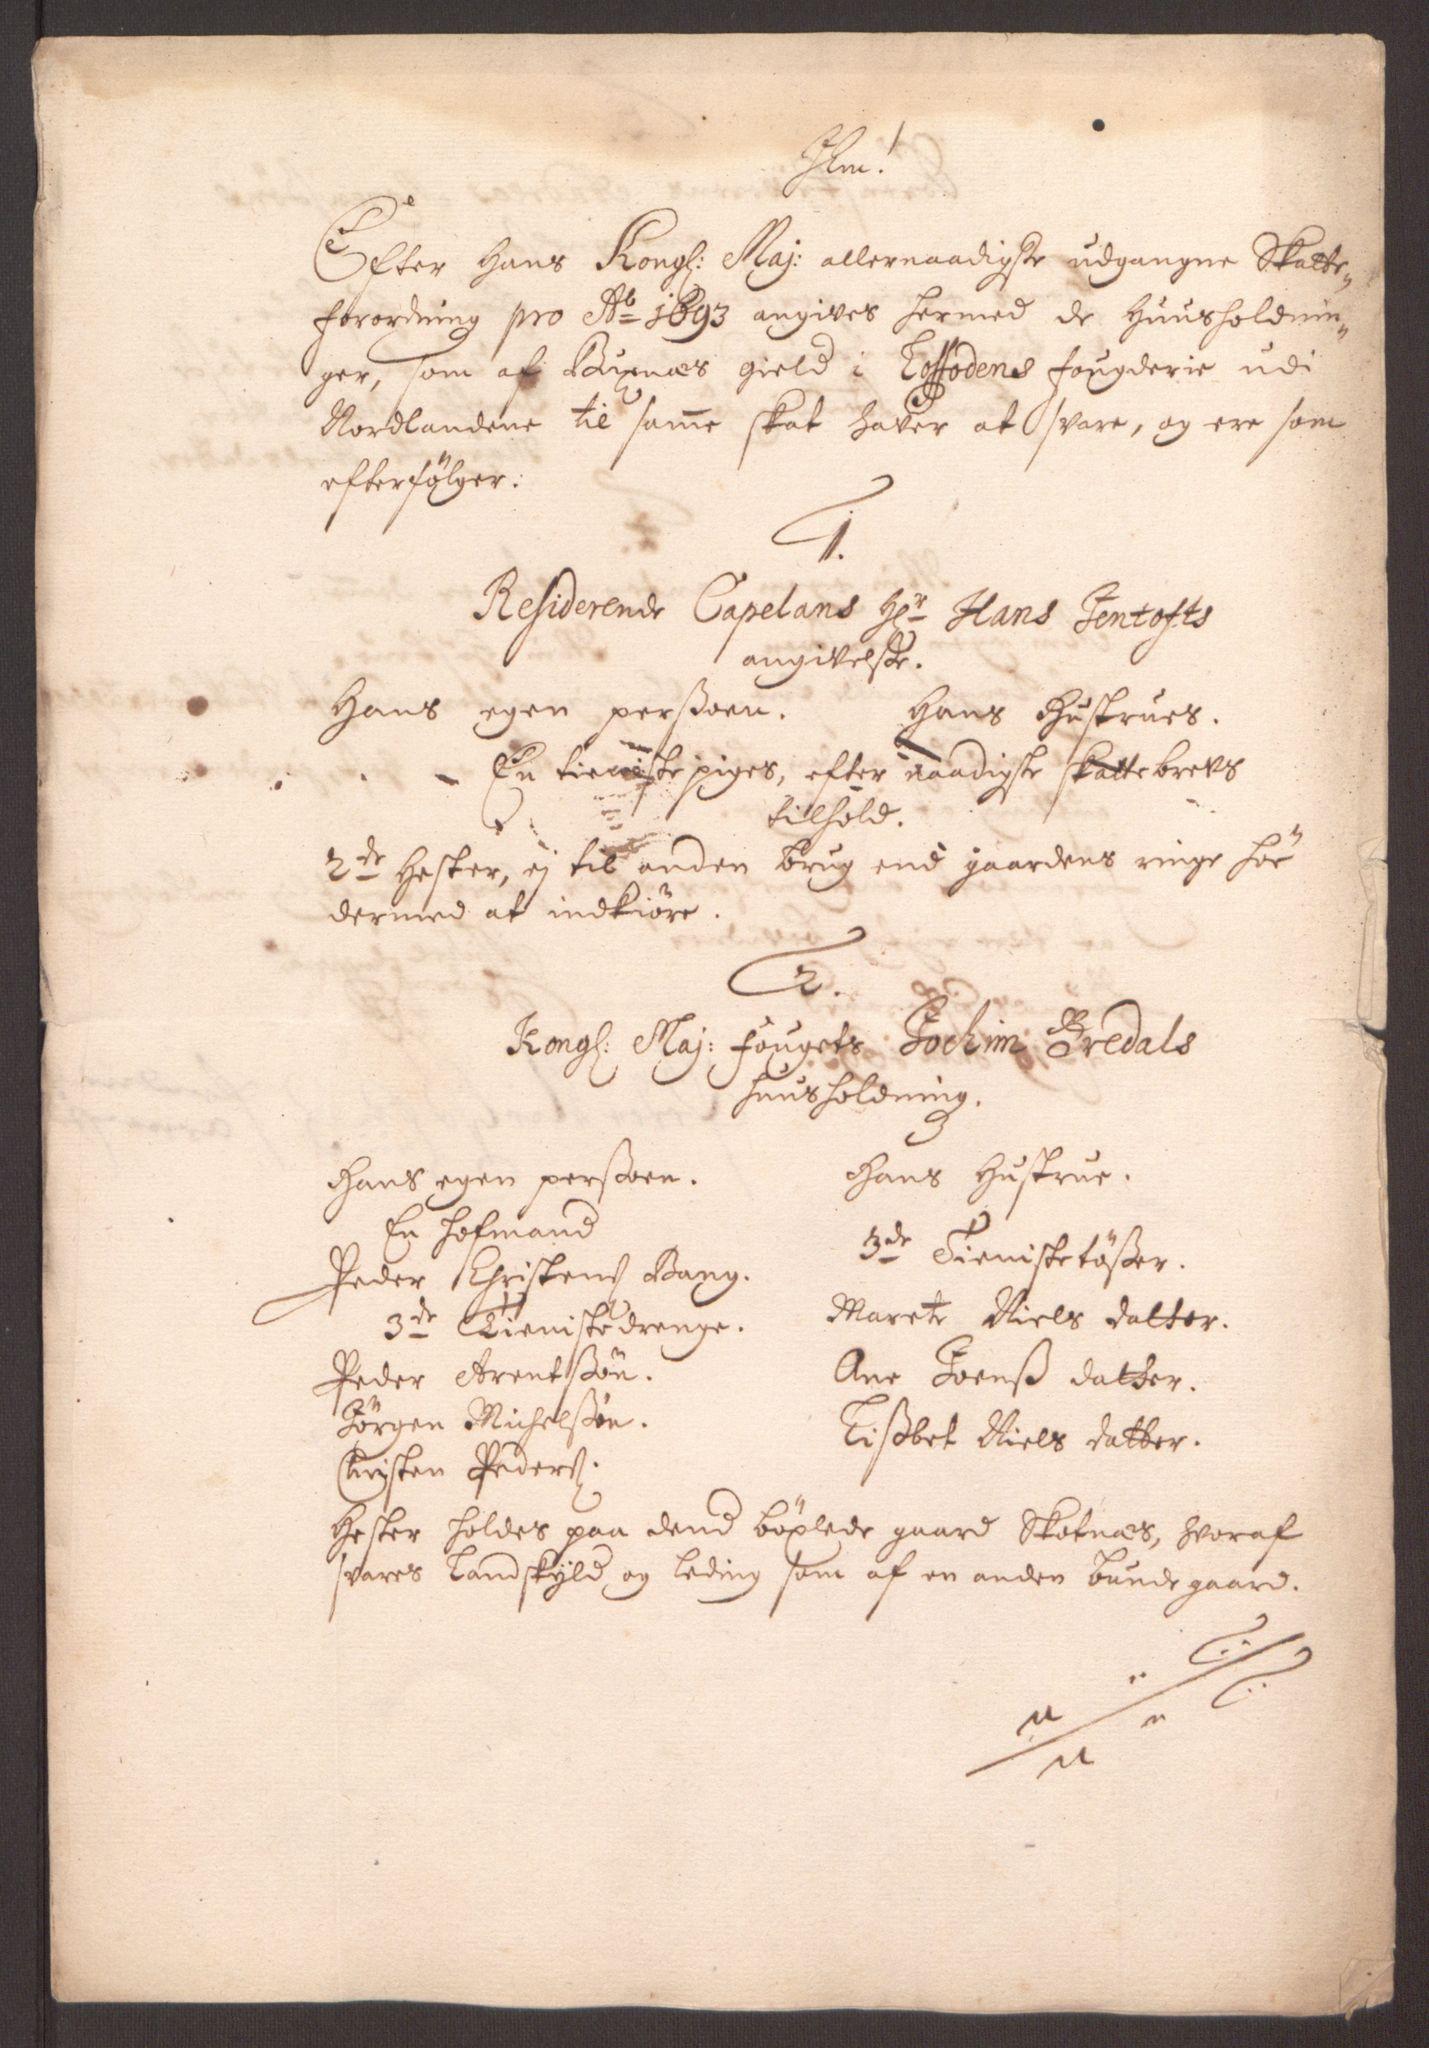 RA, Rentekammeret inntil 1814, Reviderte regnskaper, Fogderegnskap, R67/L4675: Fogderegnskap Vesterålen, Andenes og Lofoten, 1691-1693, s. 287